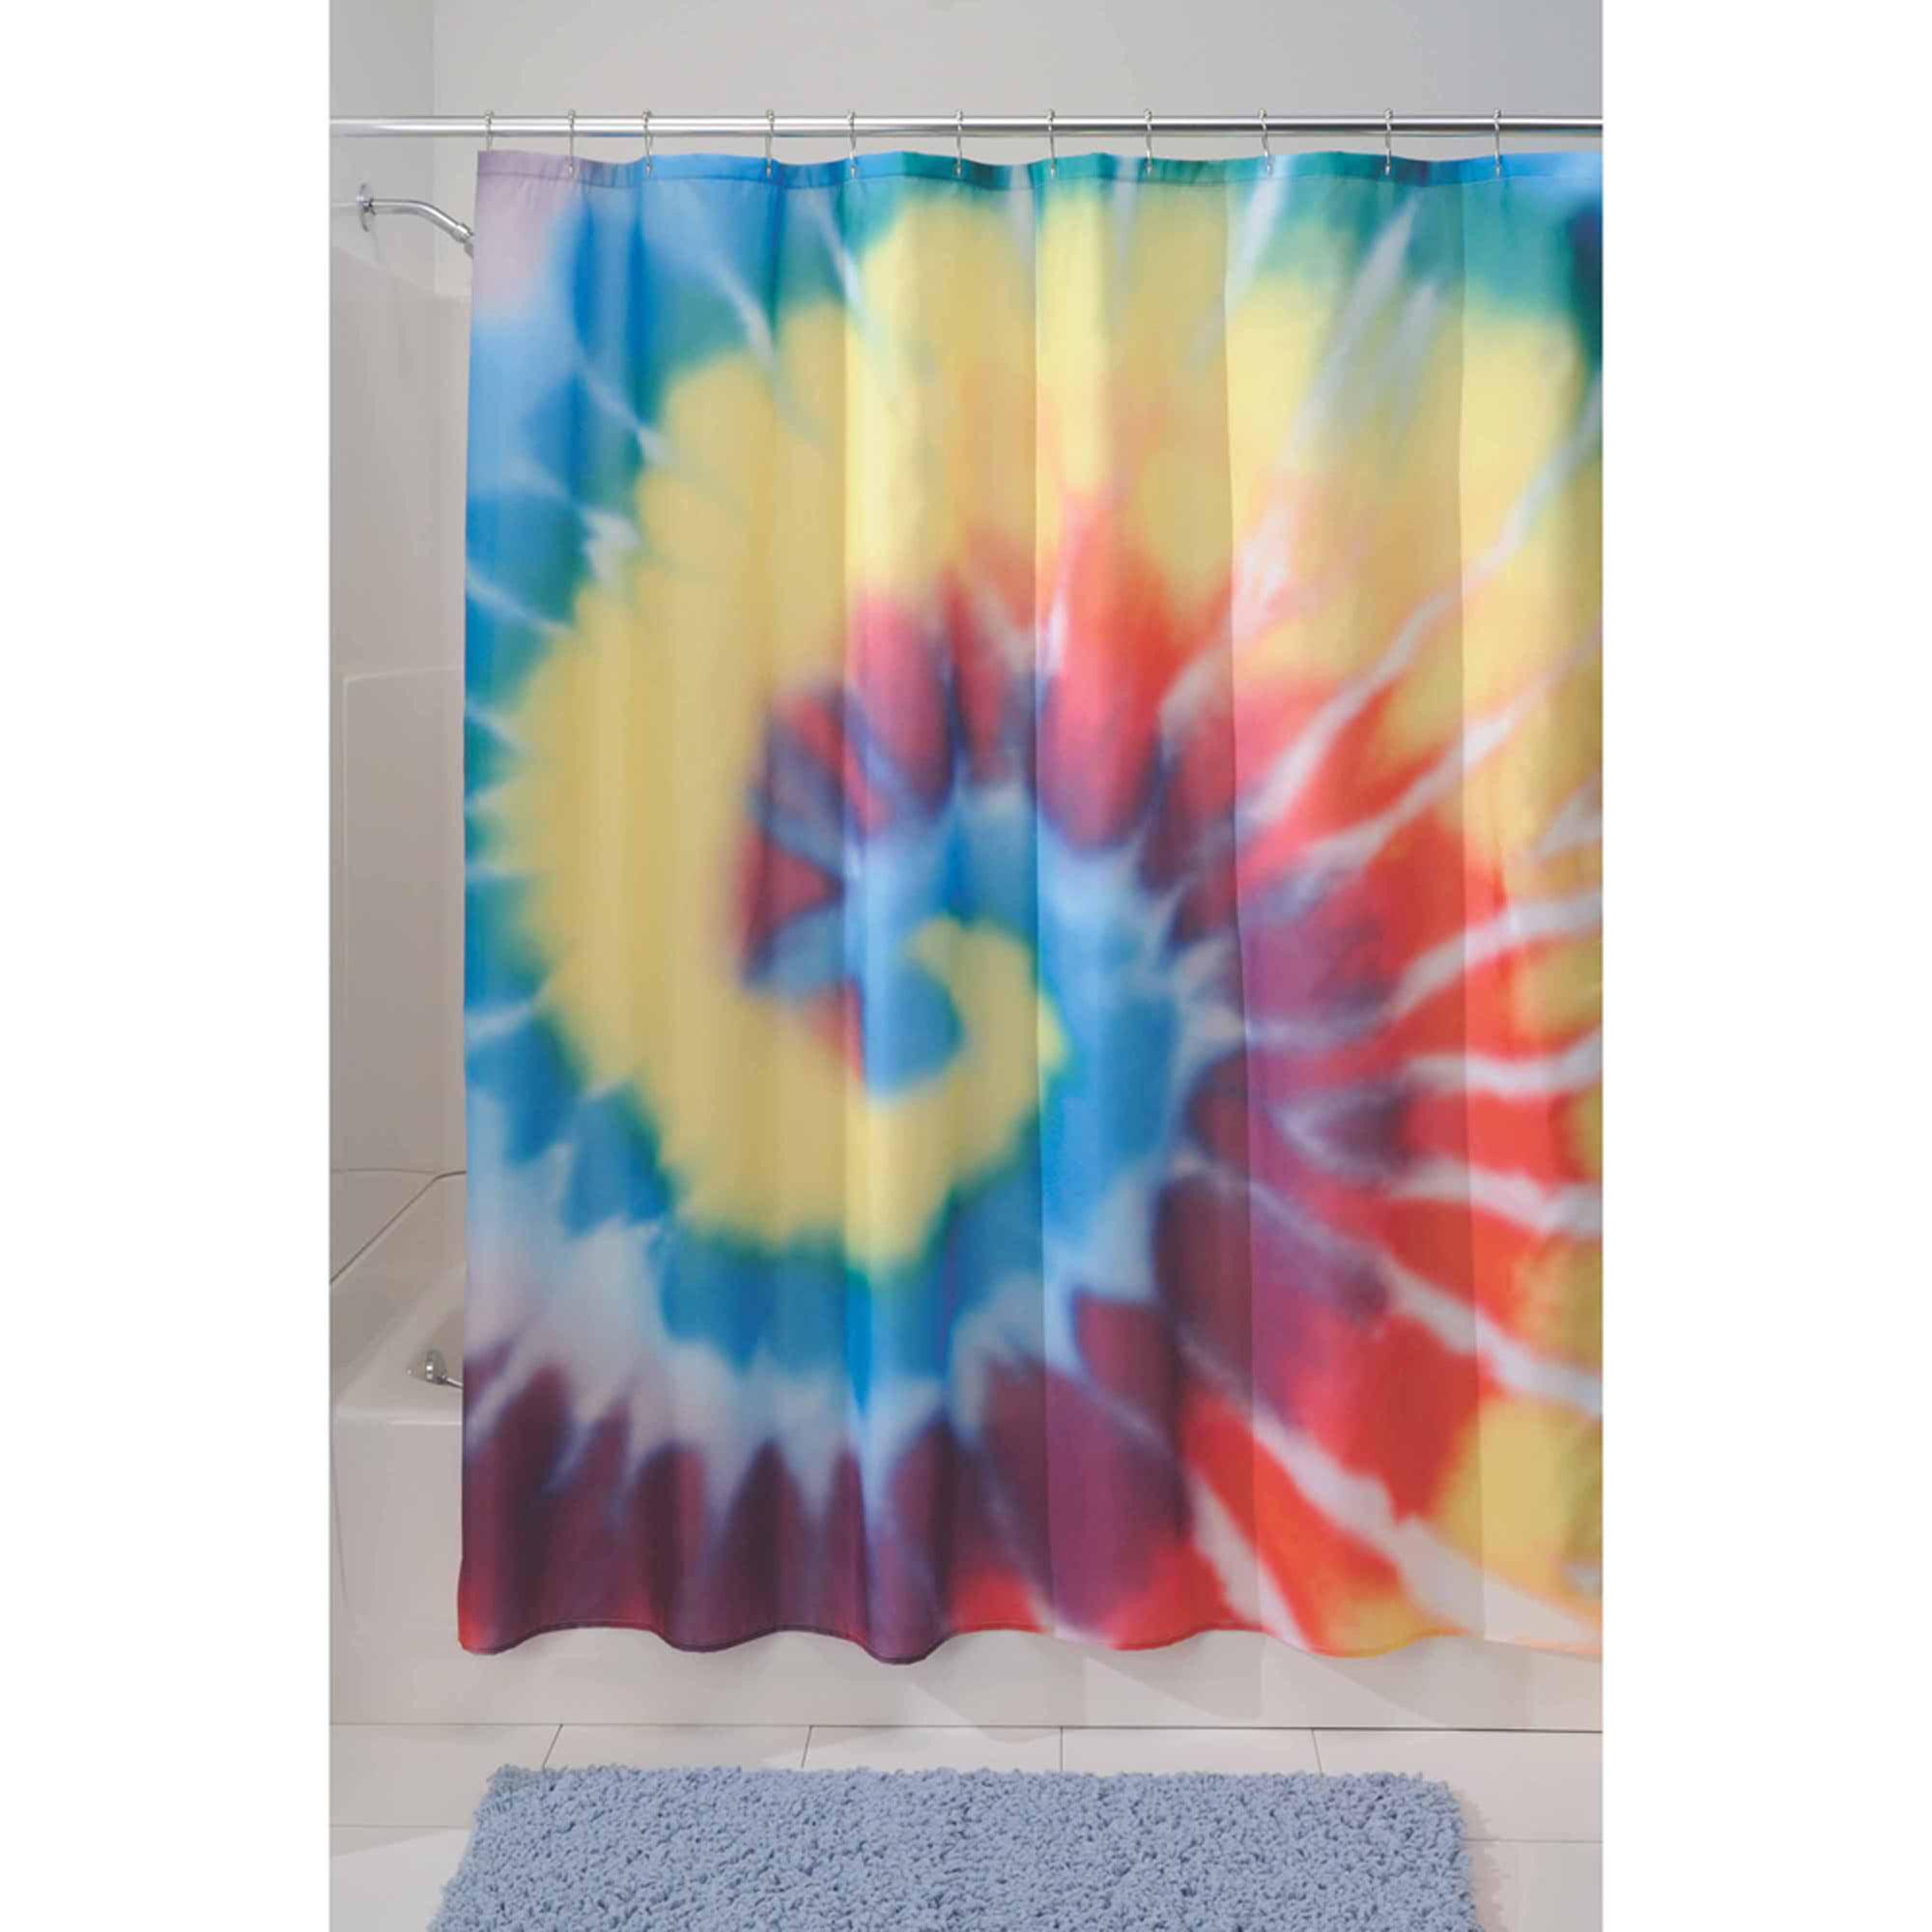 InterDesign Bright Tie Dye Shower Curtain